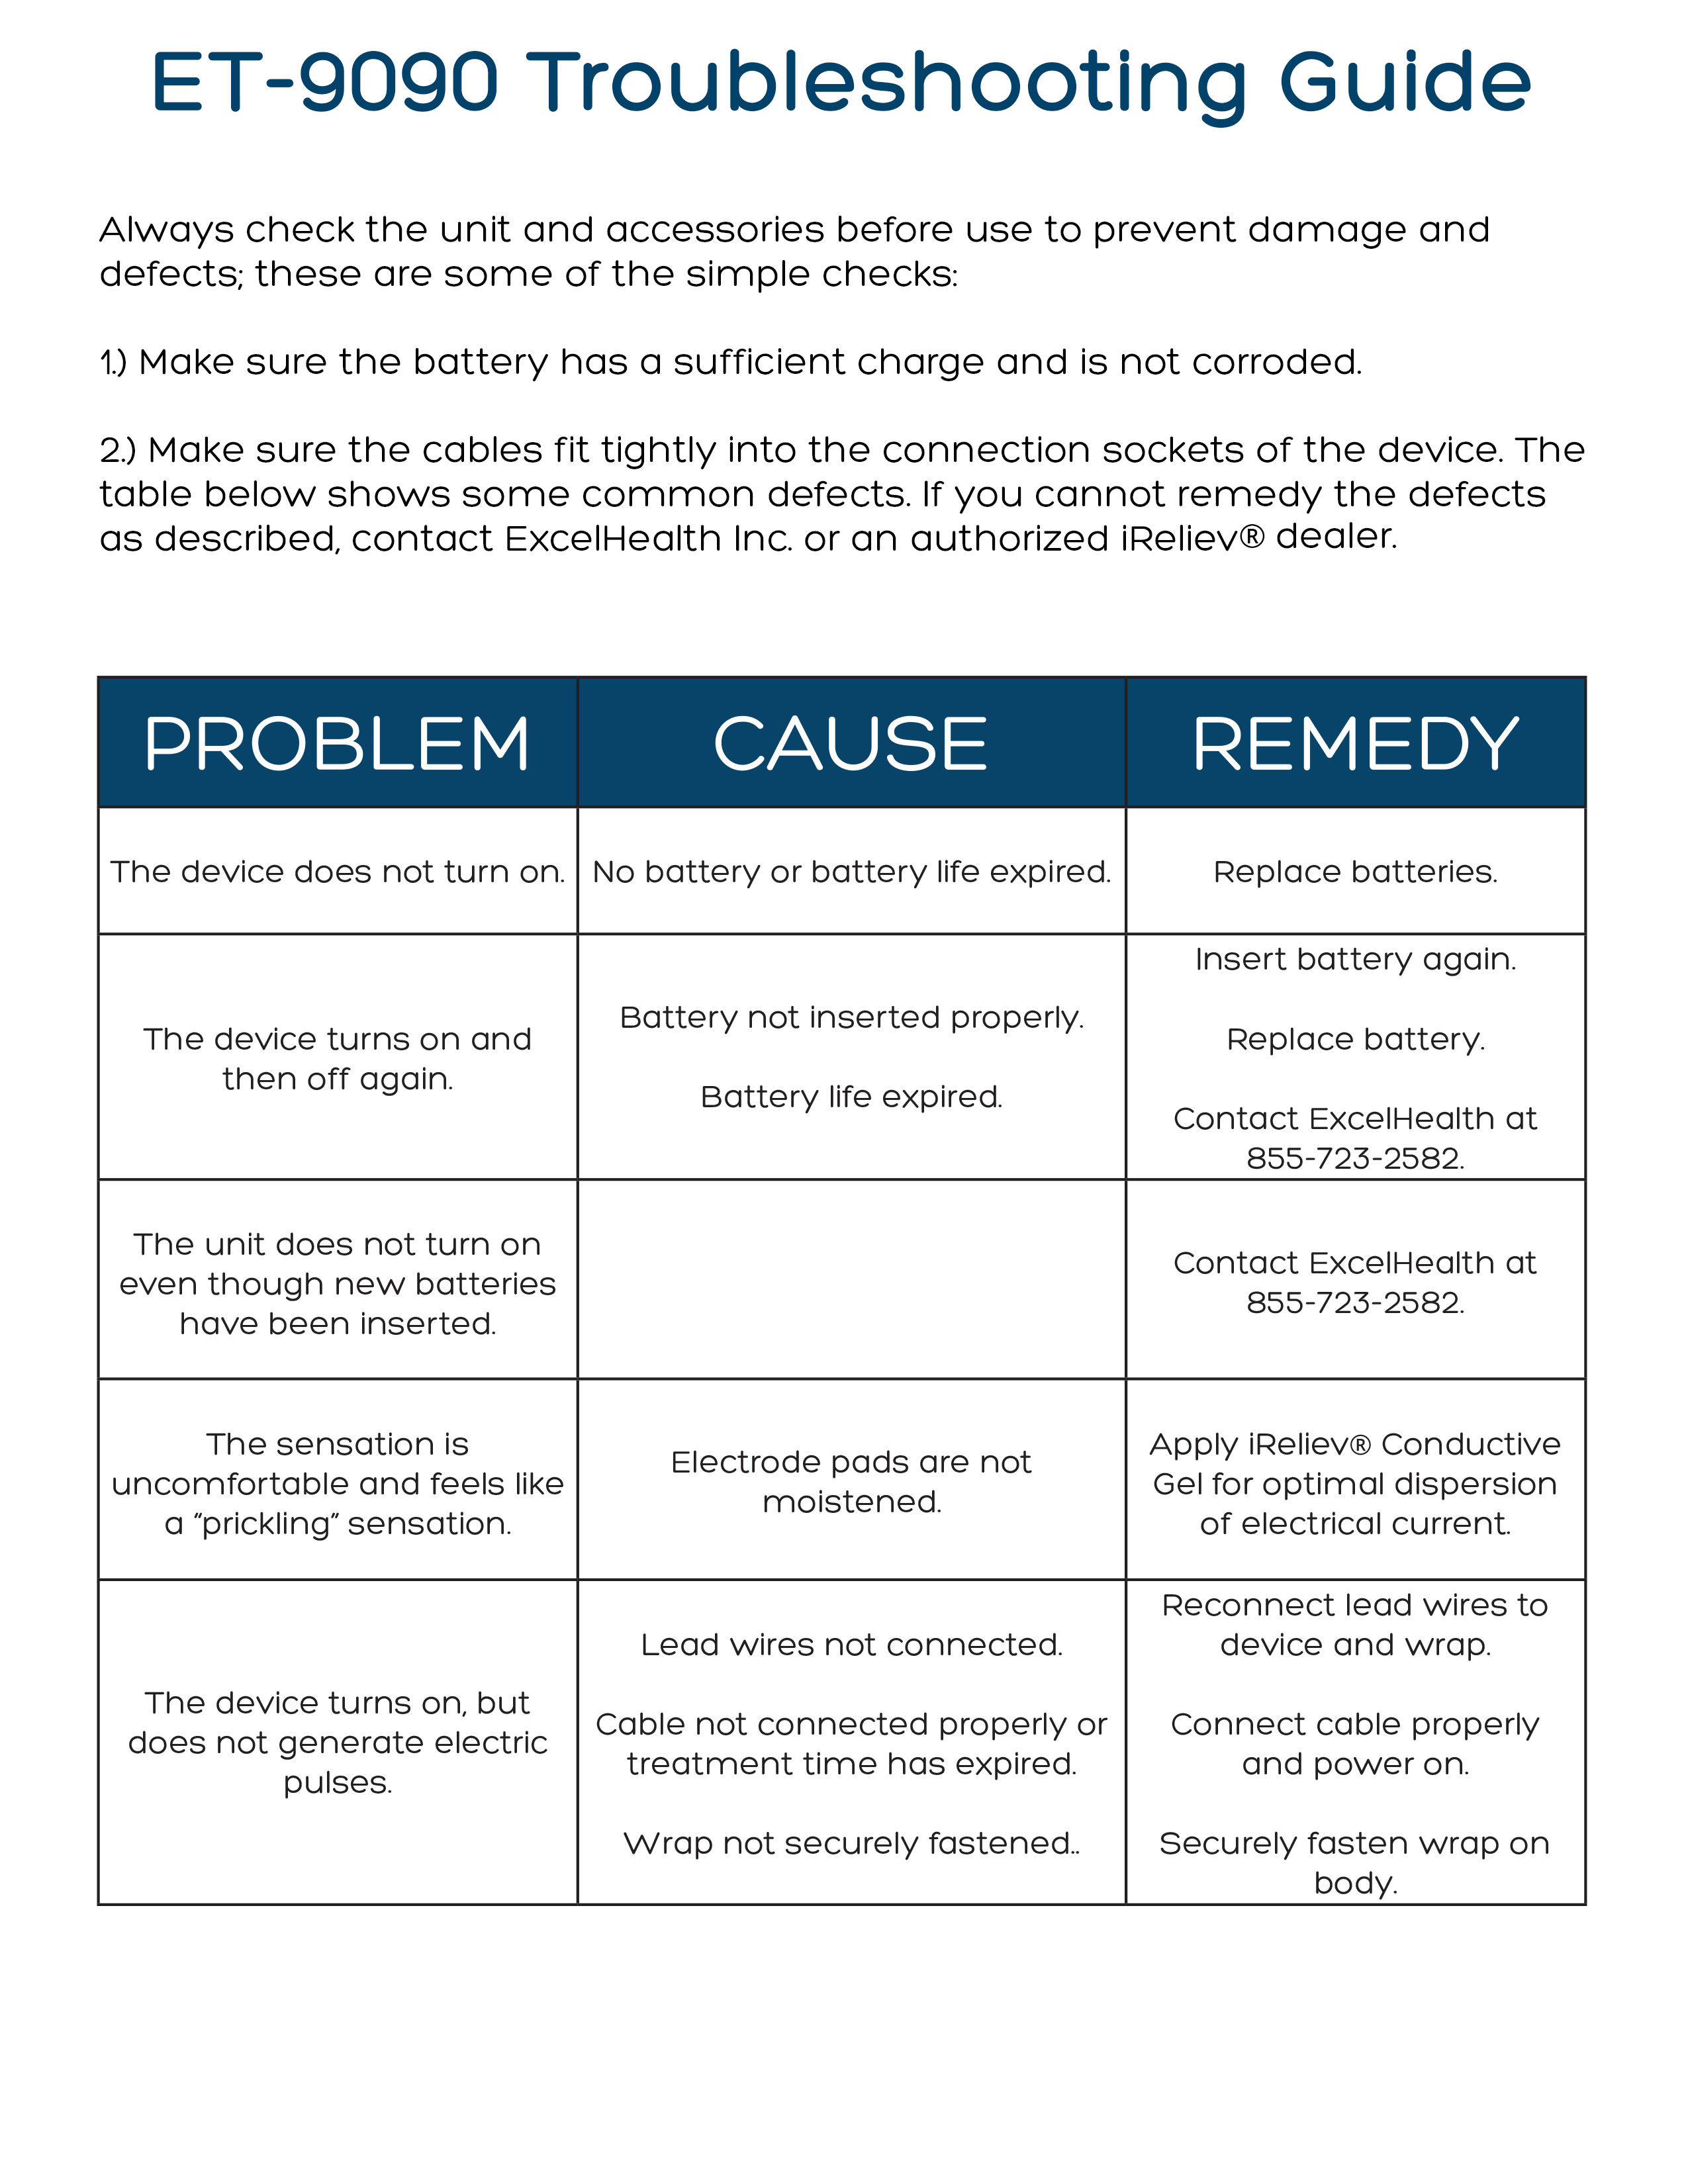 ET-9090 Back Pain Relief System TENS Unit Troubleshoot Guide